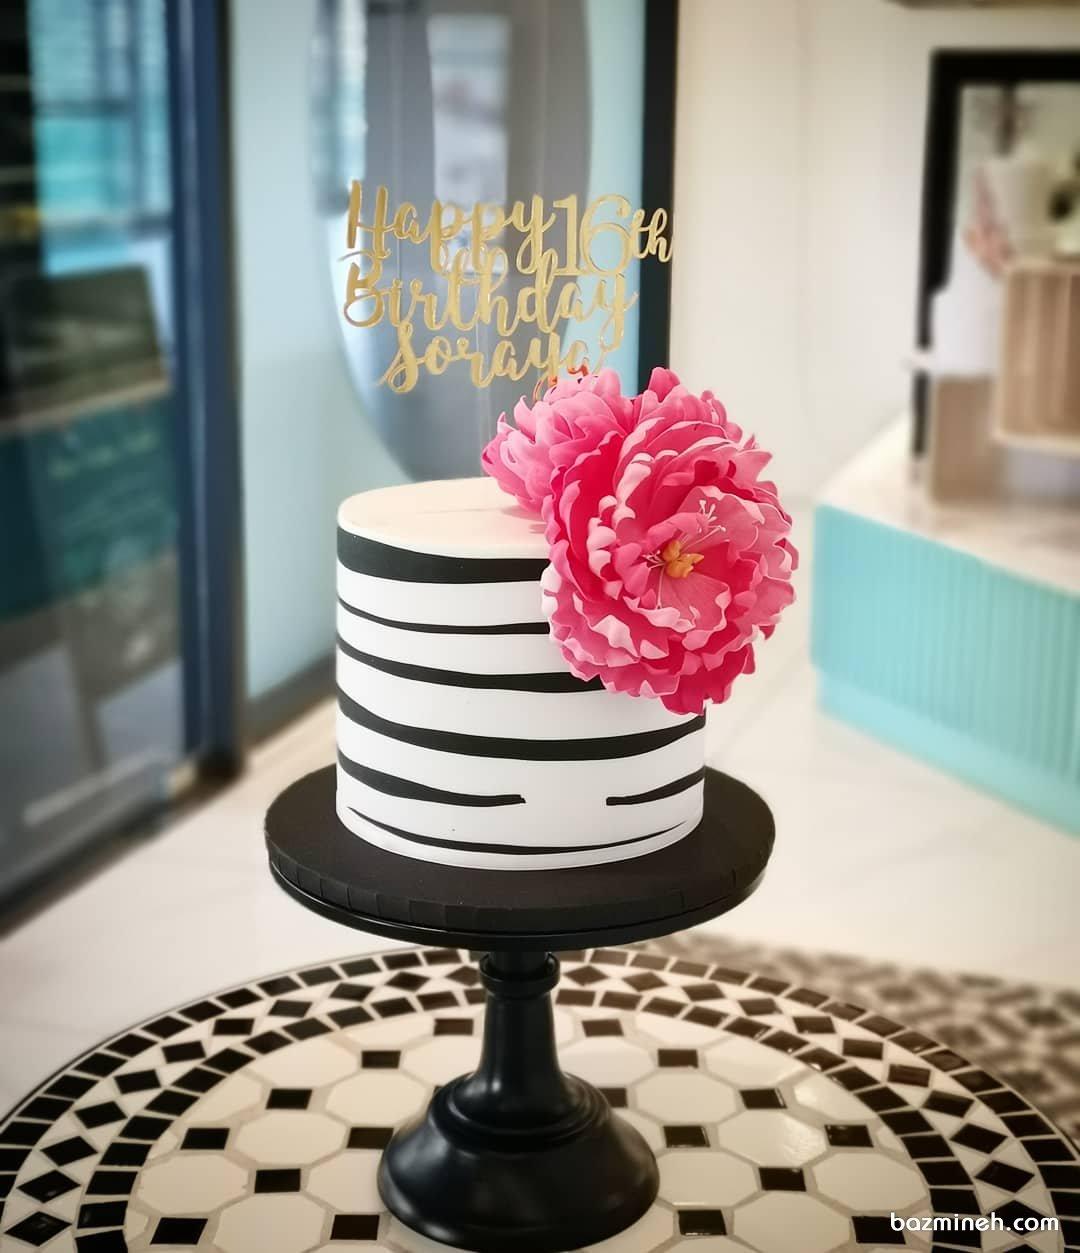 کیک شیک و زیبای جشن تولد دخترونه با تم سفید مشکی صورتی